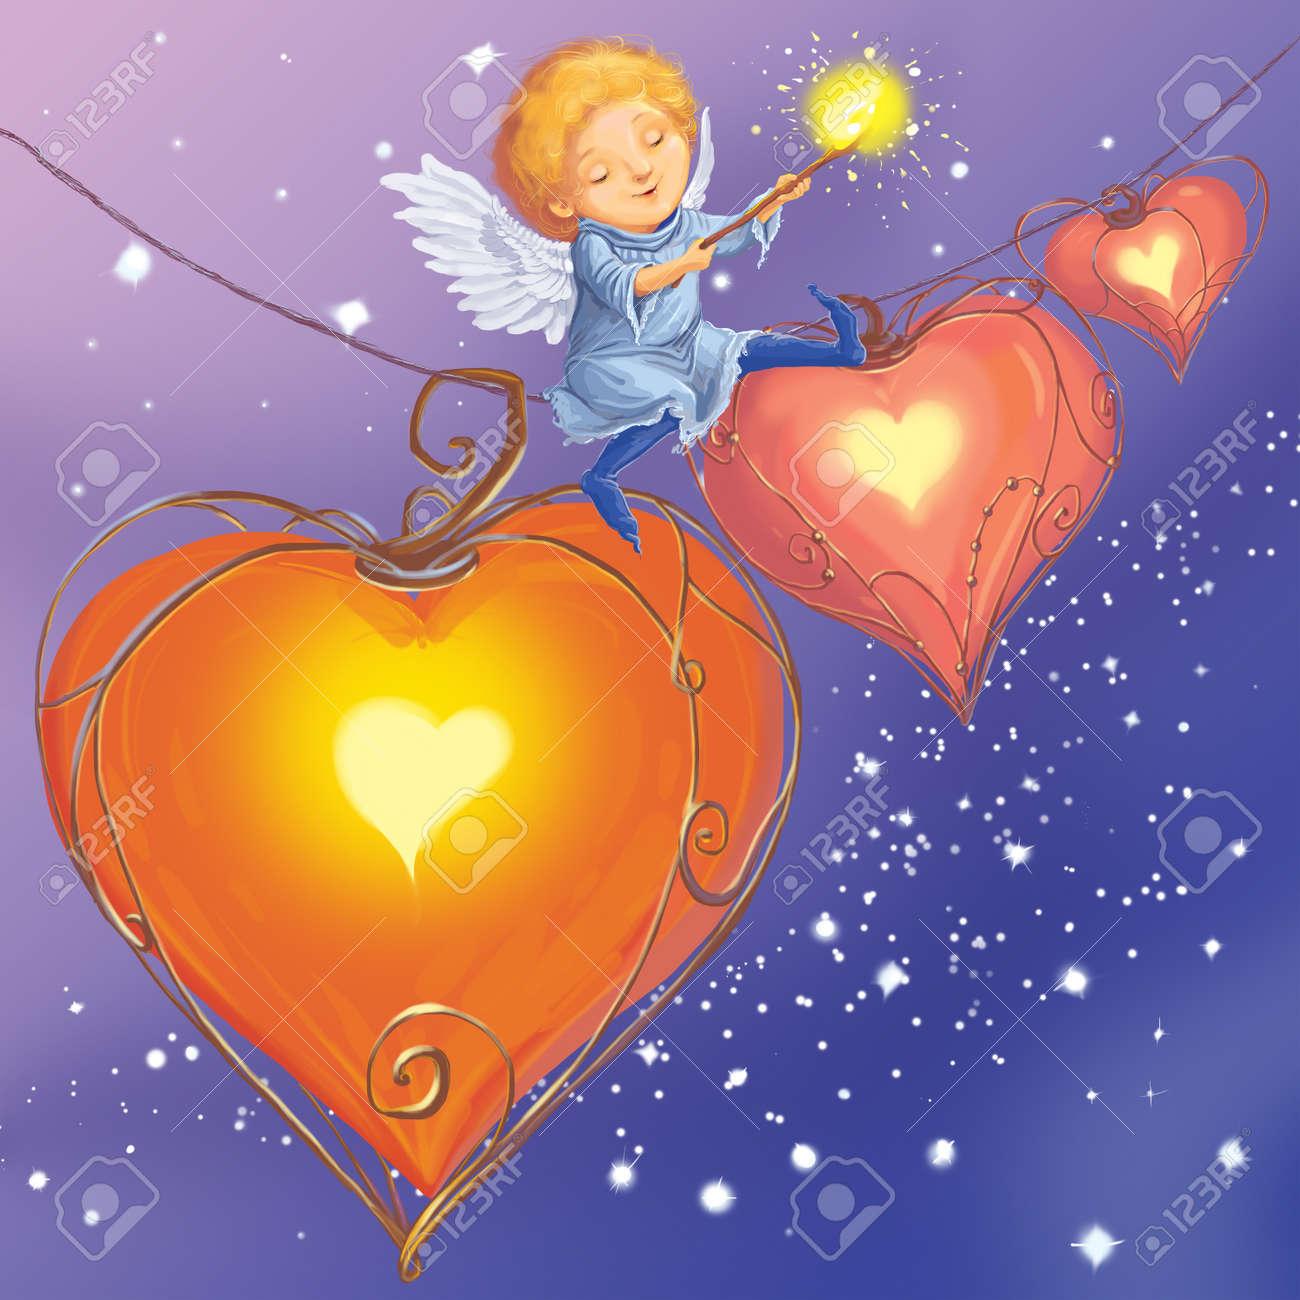 Engel Licht Herzen Liebe Gratuliert Mit Valentinstag. Fantastische  Cartoon Stil. Szene Tapete Hintergrund